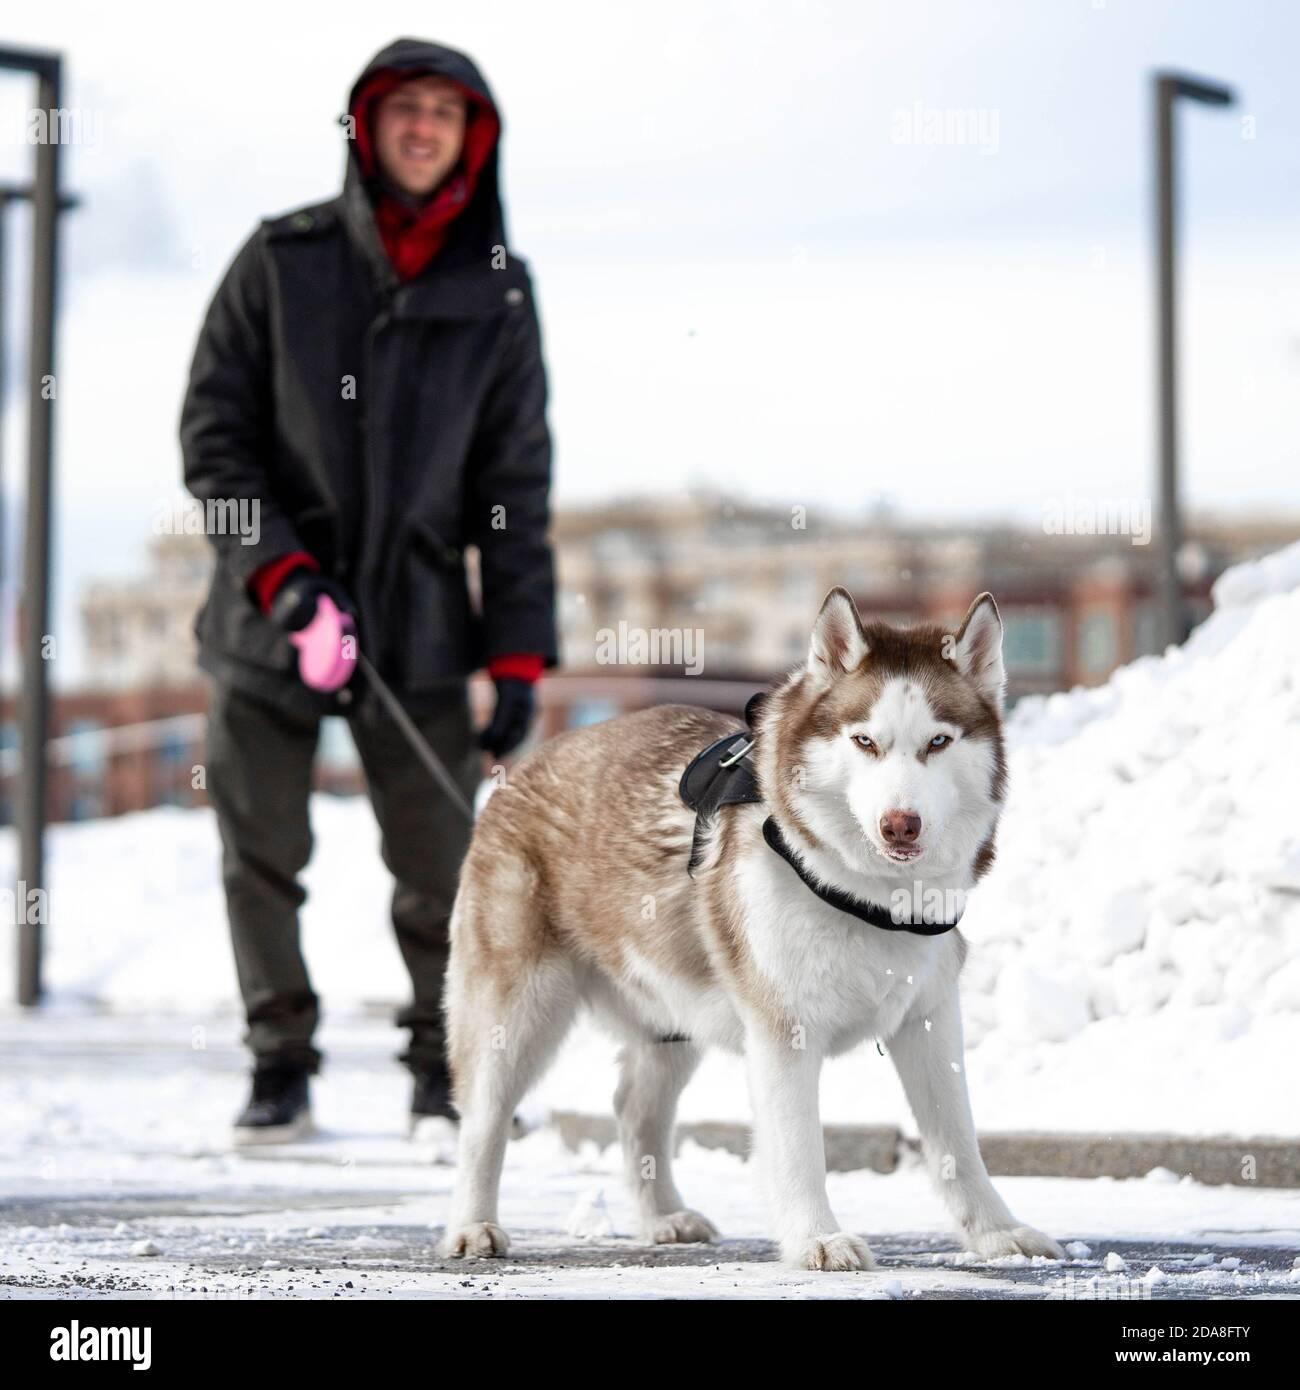 L'homme et le chien Husky sérieux de Sibérie avec une randonnée dans un parc contemporain moderne le jour de l'hiver. L'amour et l'amitié humains et animaux. Banque D'Images